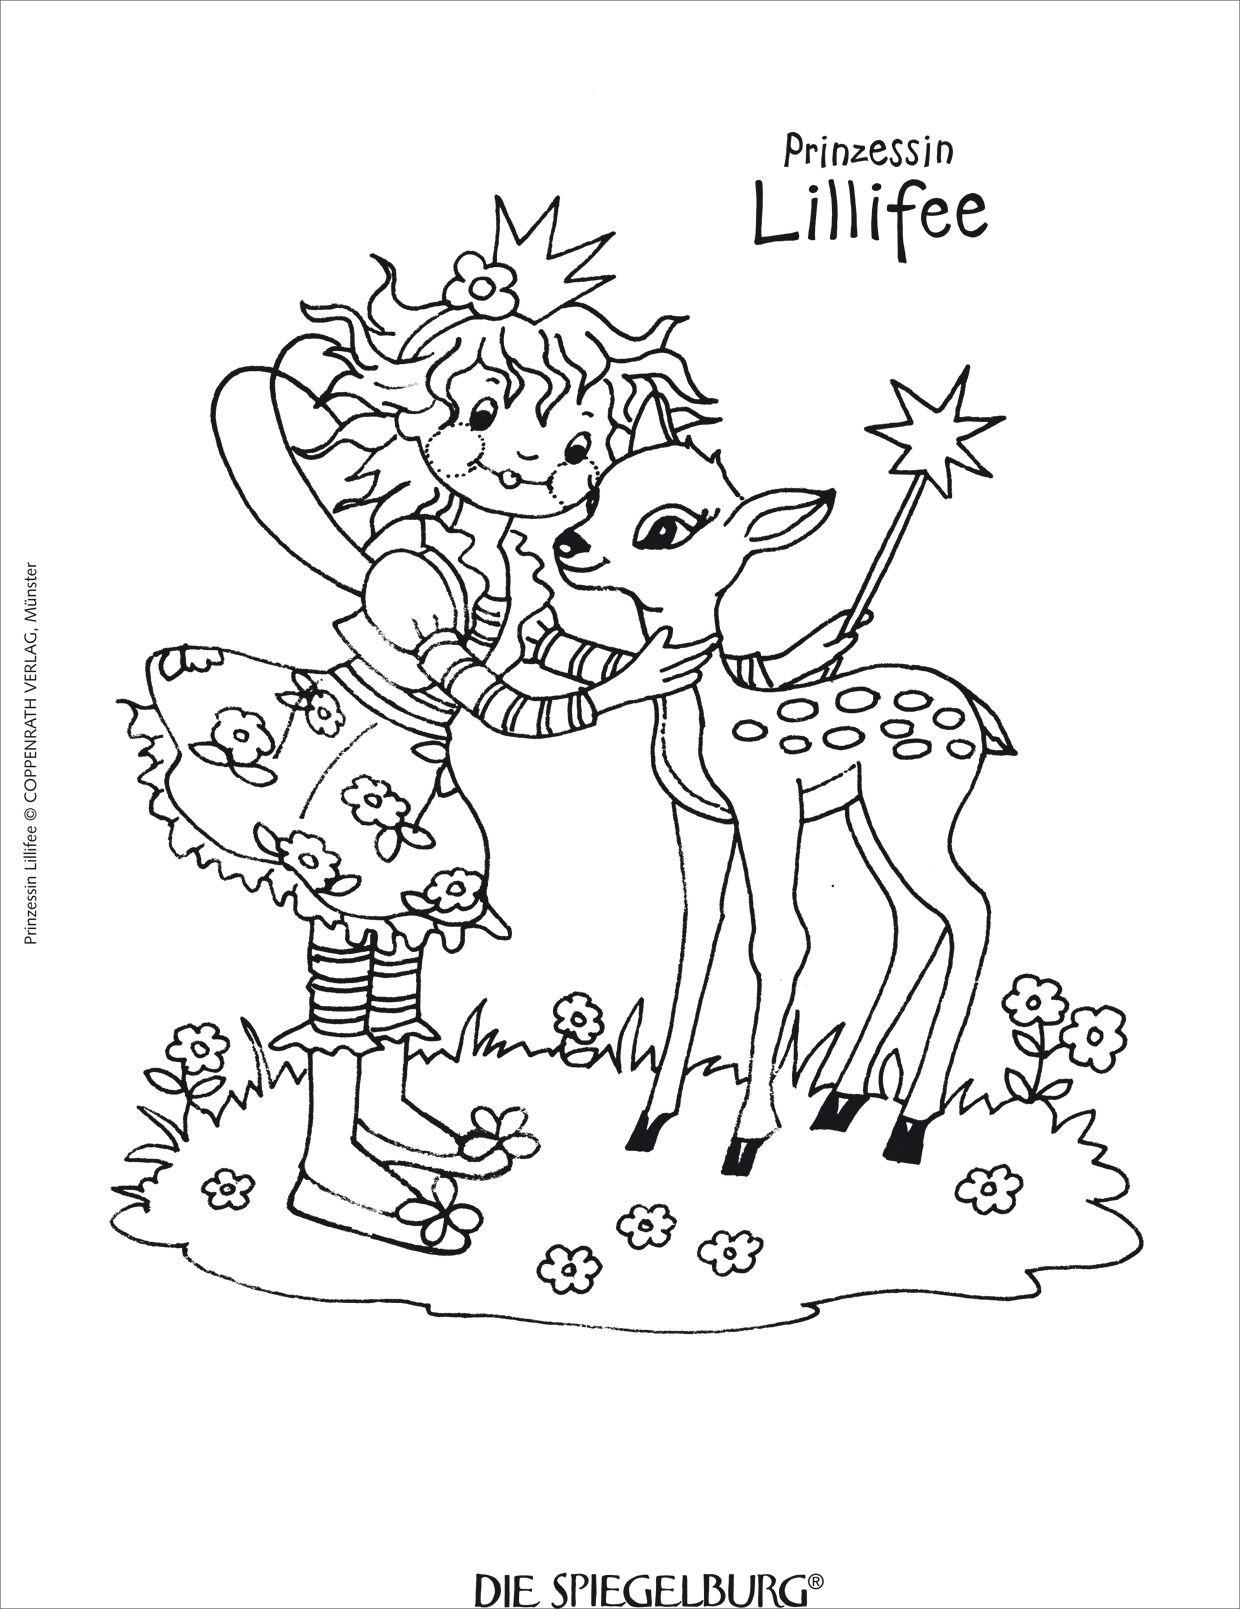 Ausmalbilder Prinzessin Prinzessin Lillifee Einzigartig Prinzessin Lillifee Ausmalbilder Und Malvorlagen 3id6 Fotos